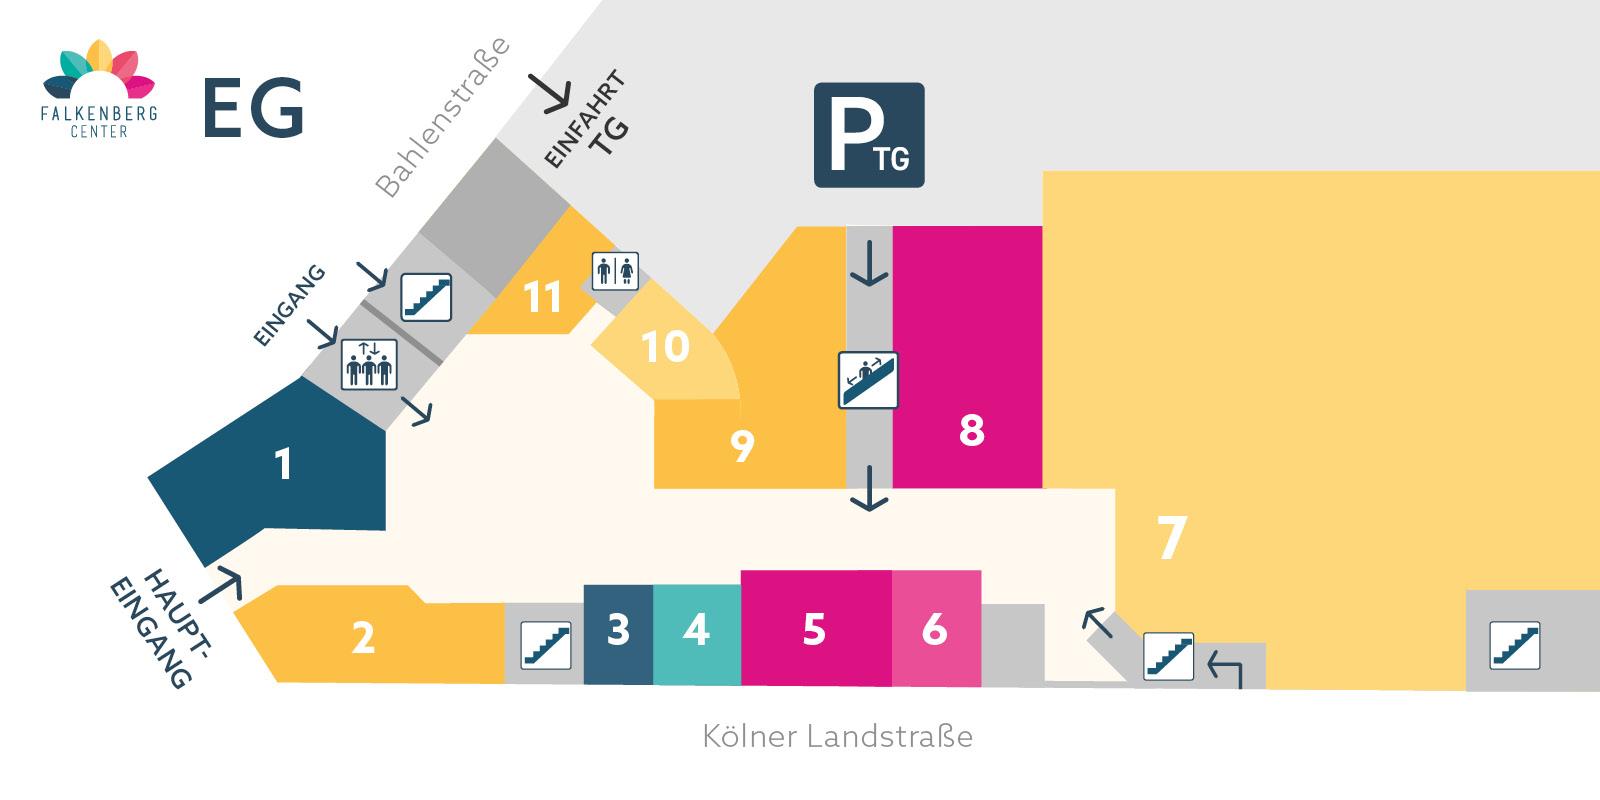 Falkenberg Center - Lageplan Erdgeschoss